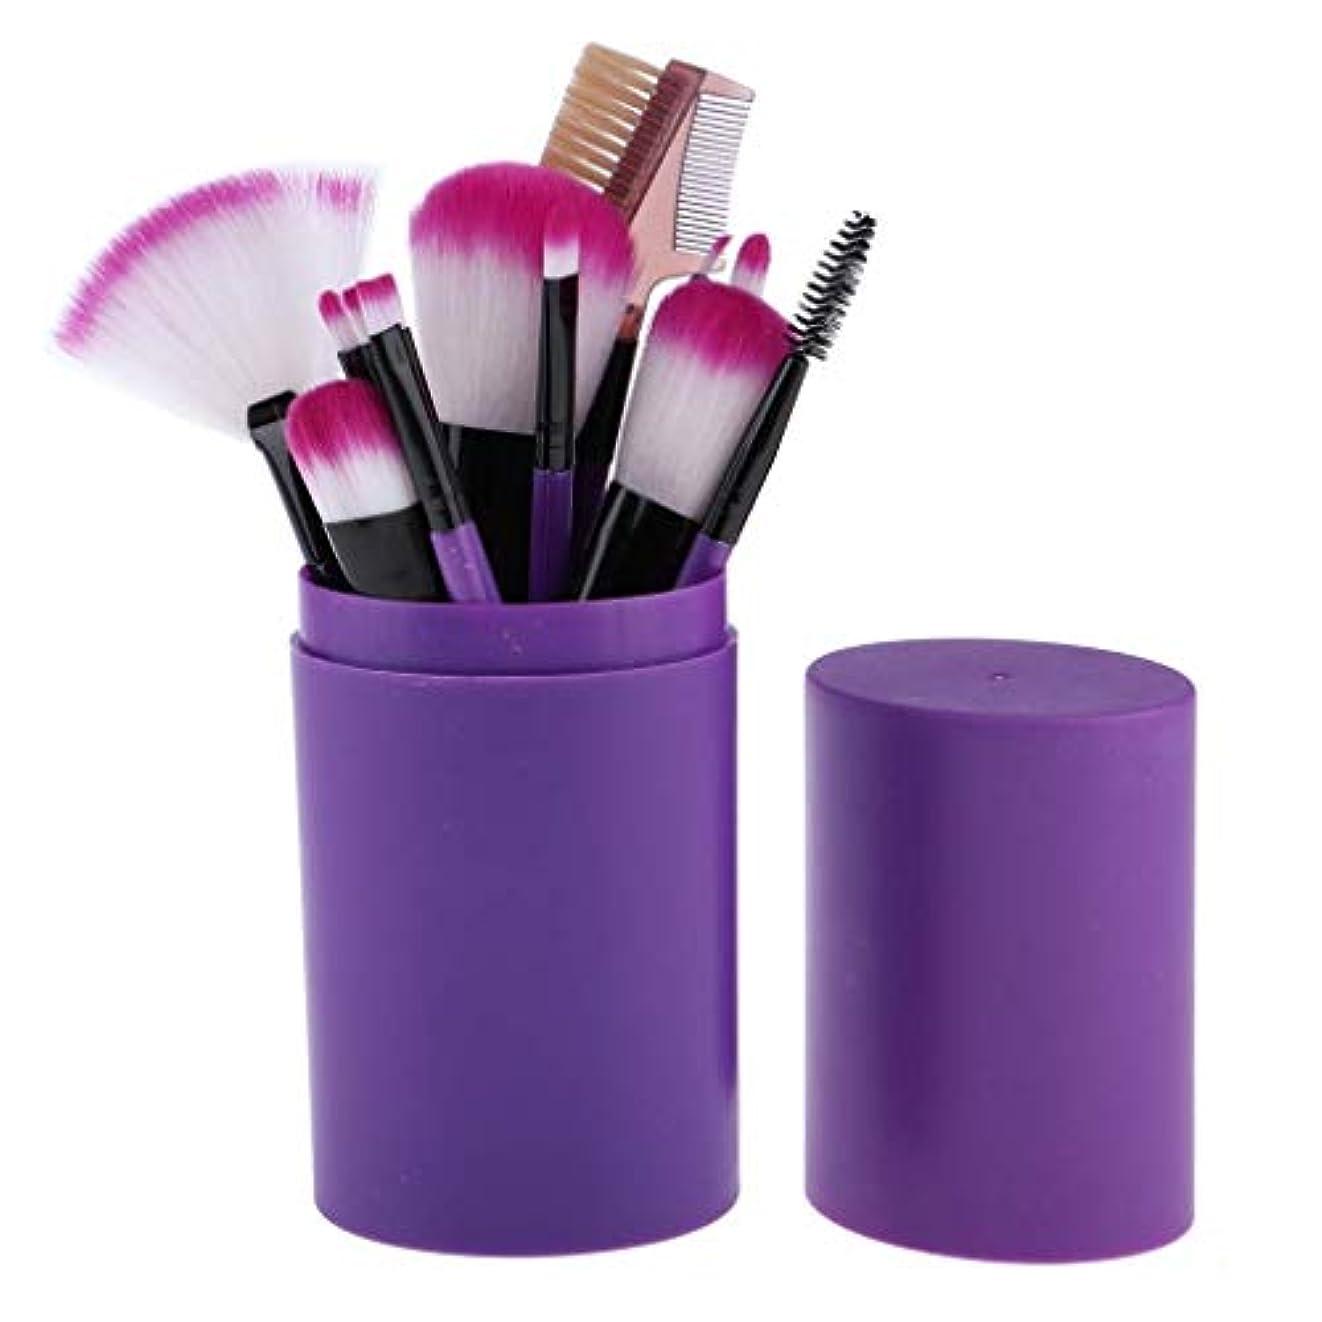 オーナメントアンティーク離すCHANGYUXINTAI-HUAZHUANGSHUA メイクブラシセット初心者のための高品質の木製ハンドルのメイクブラシ12個 (Color : Purple)